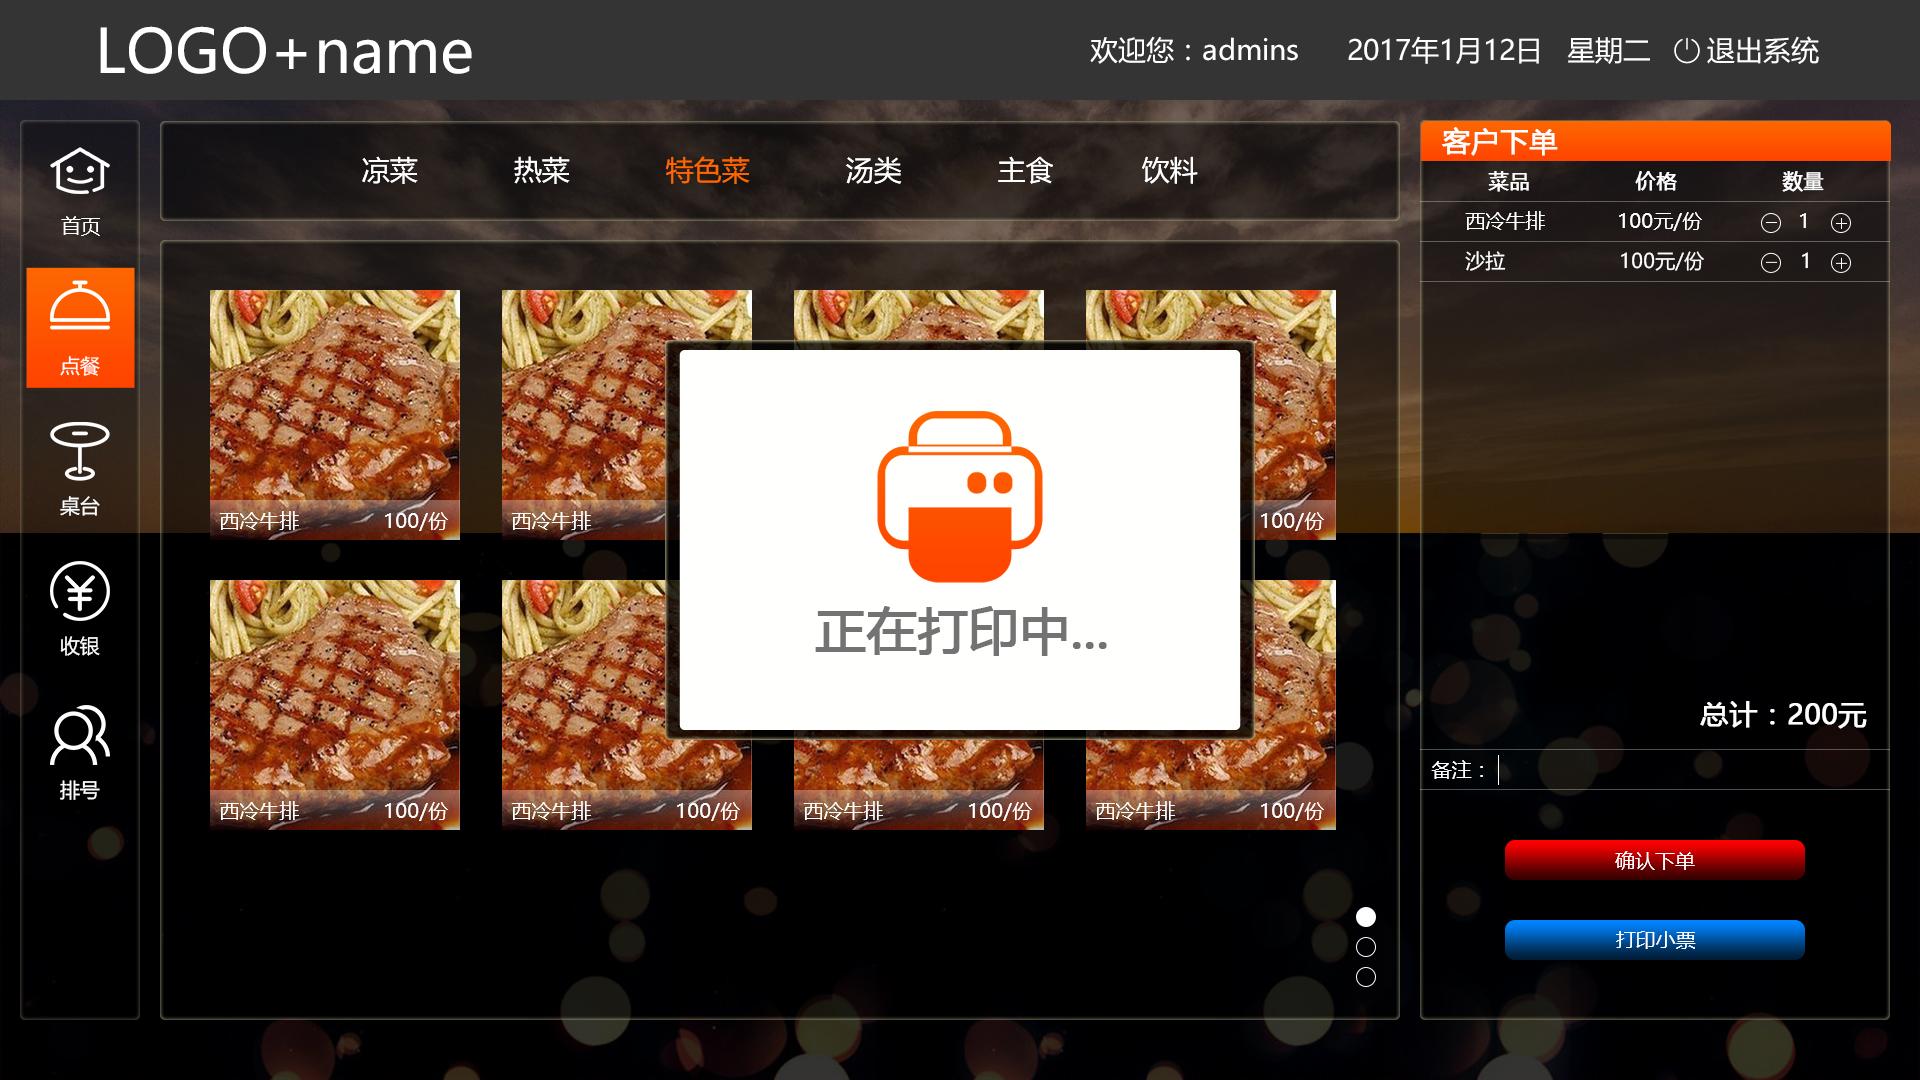 金彩游戏手机注册网址_点餐收银系统|网页|其他网页|金彩华燕 - 原创作品